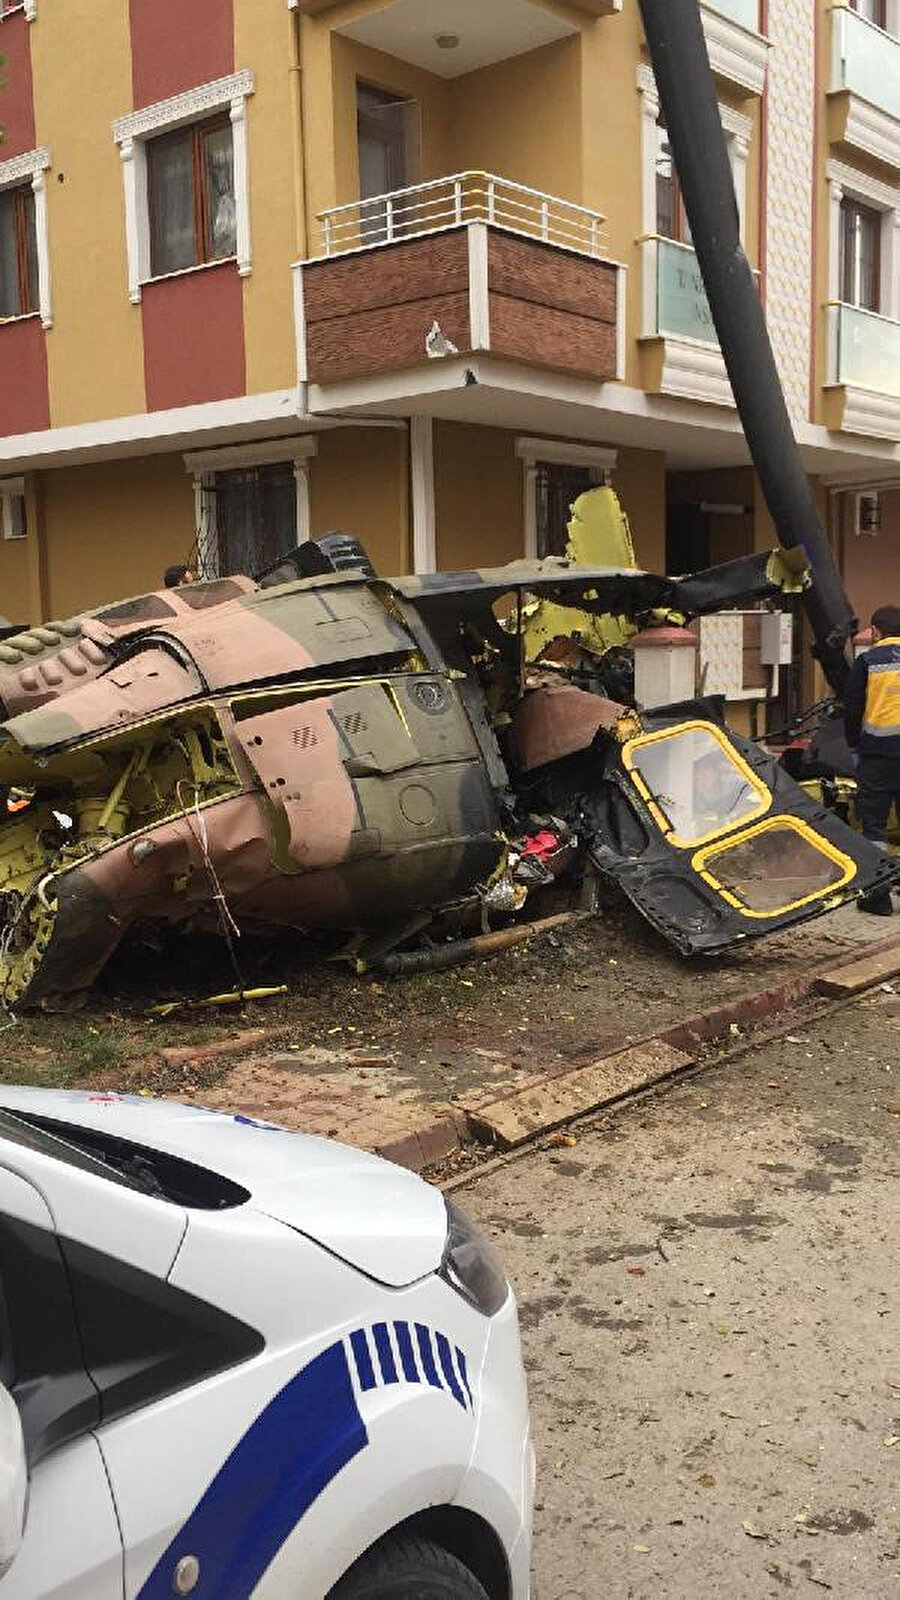 Düşen helikopterin bütünlüğünü koruması kazasının iniş sırasında gerçekleştiği izlenimini veriyor.